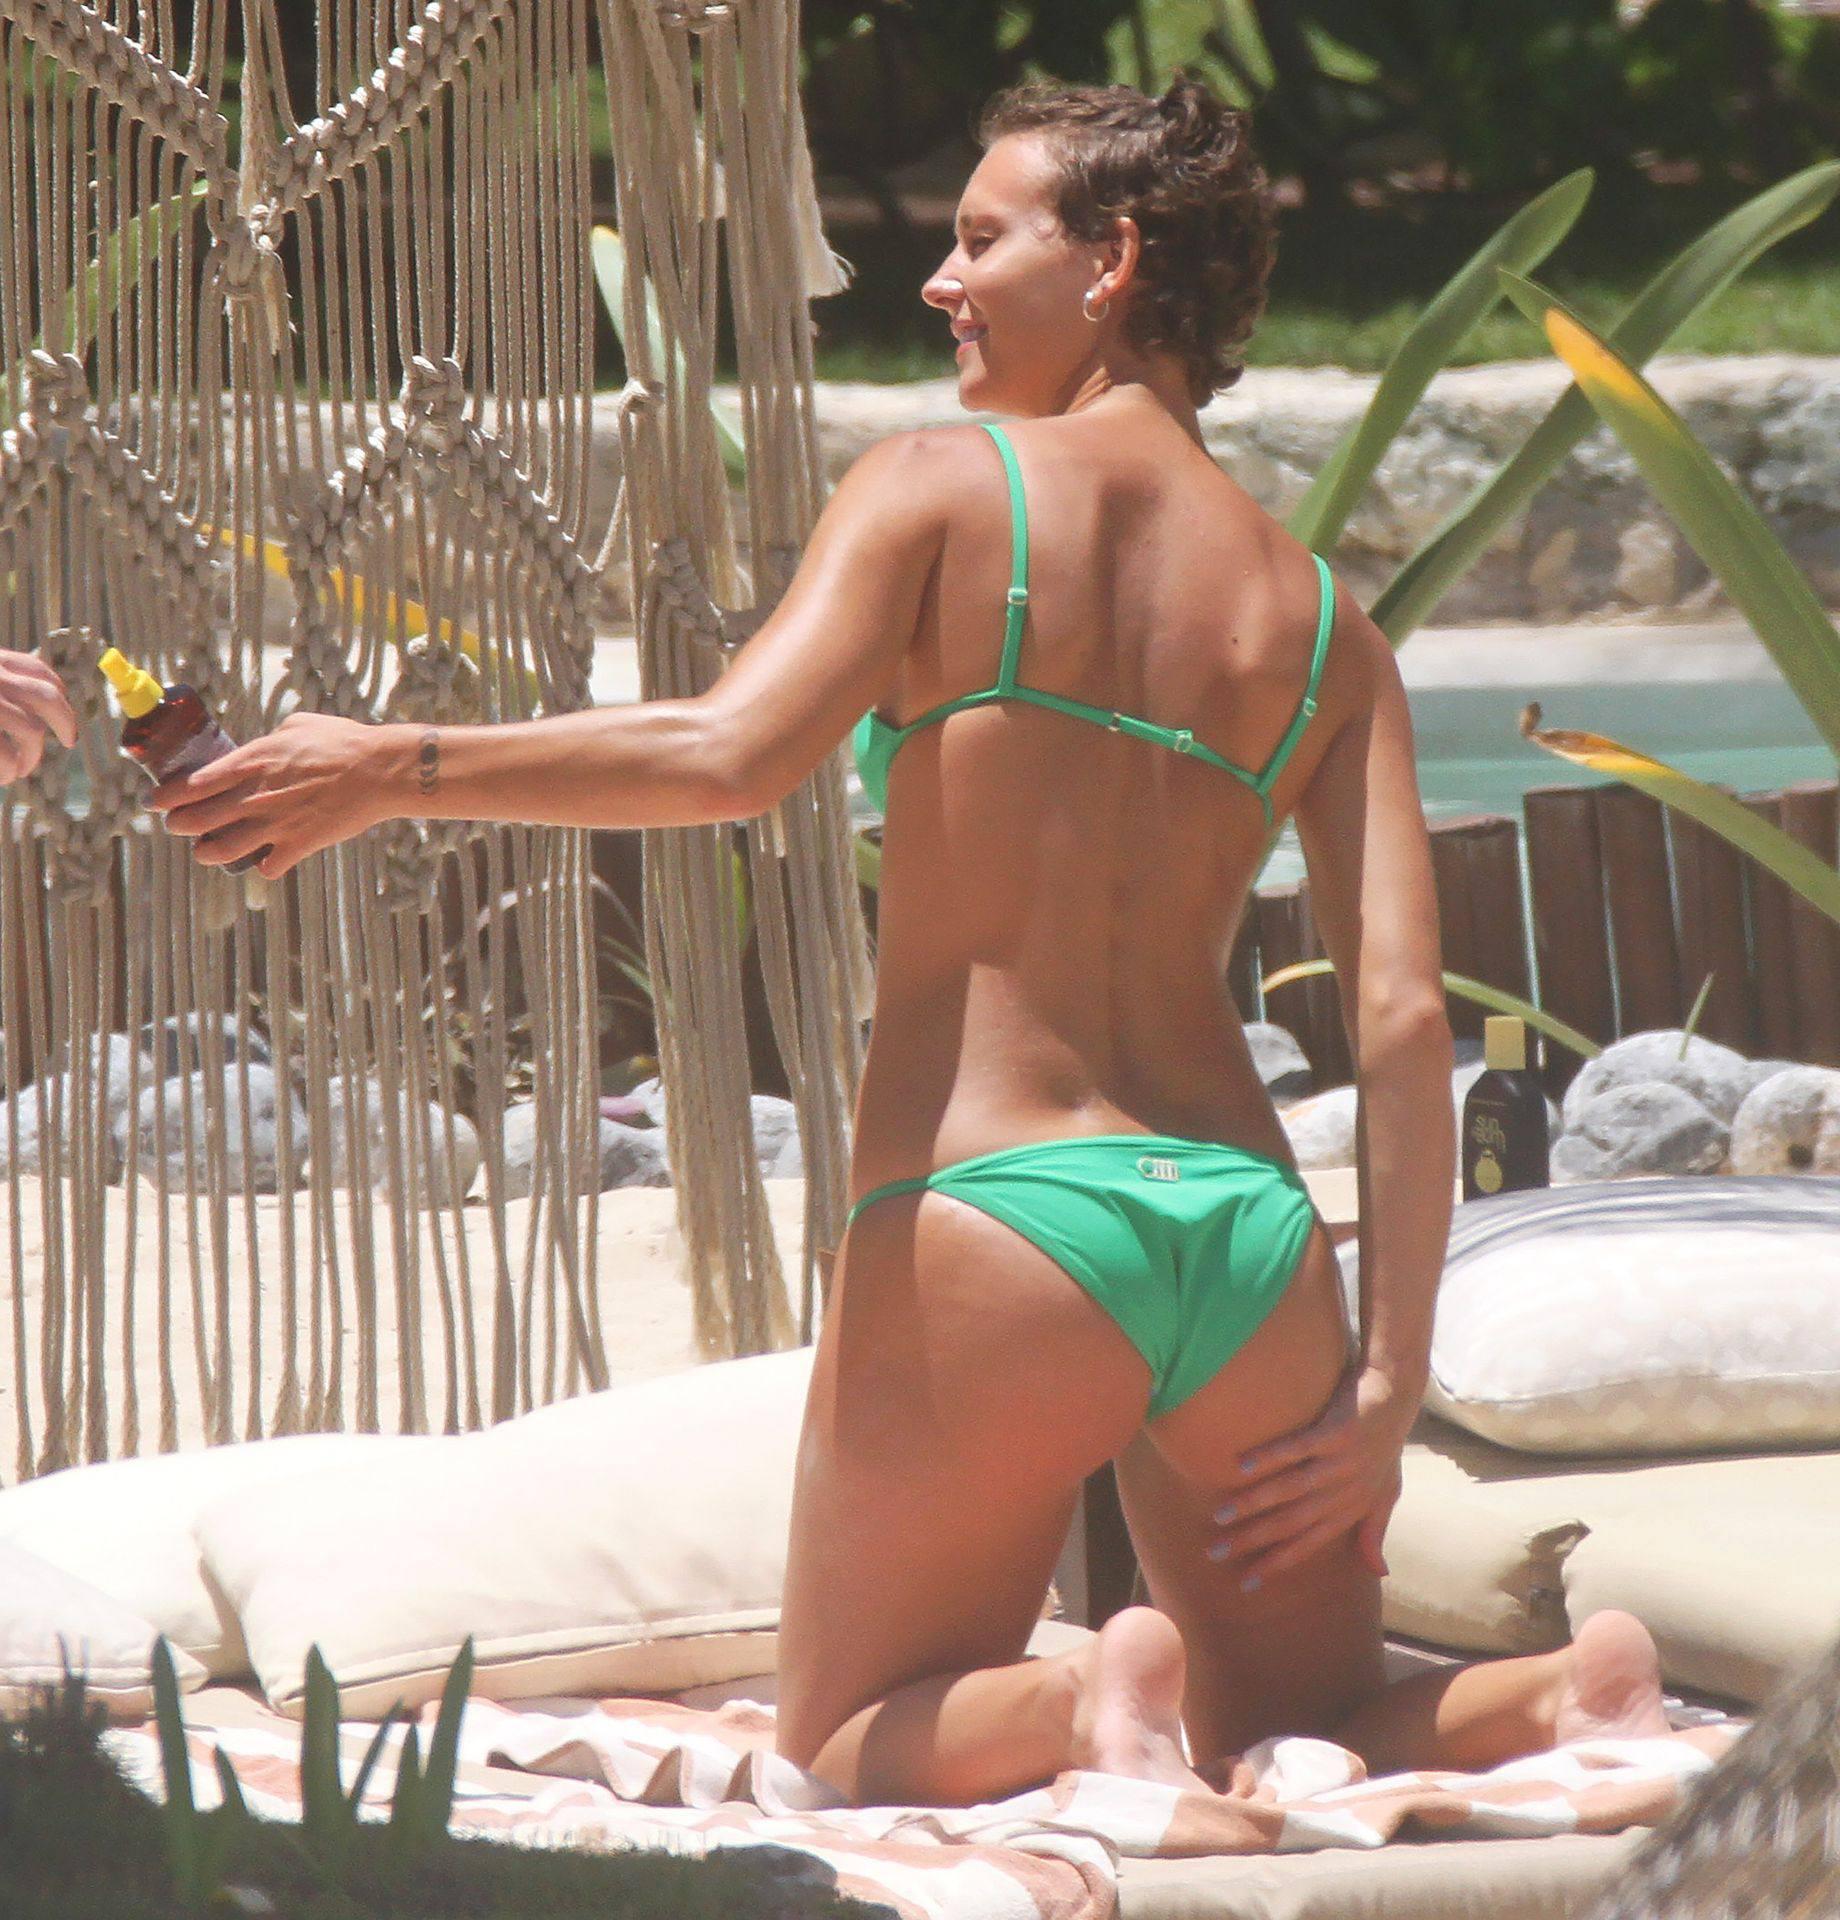 Rachel Cook – Sexy Ass And Boobs In Small Bikini In Tulum 0013